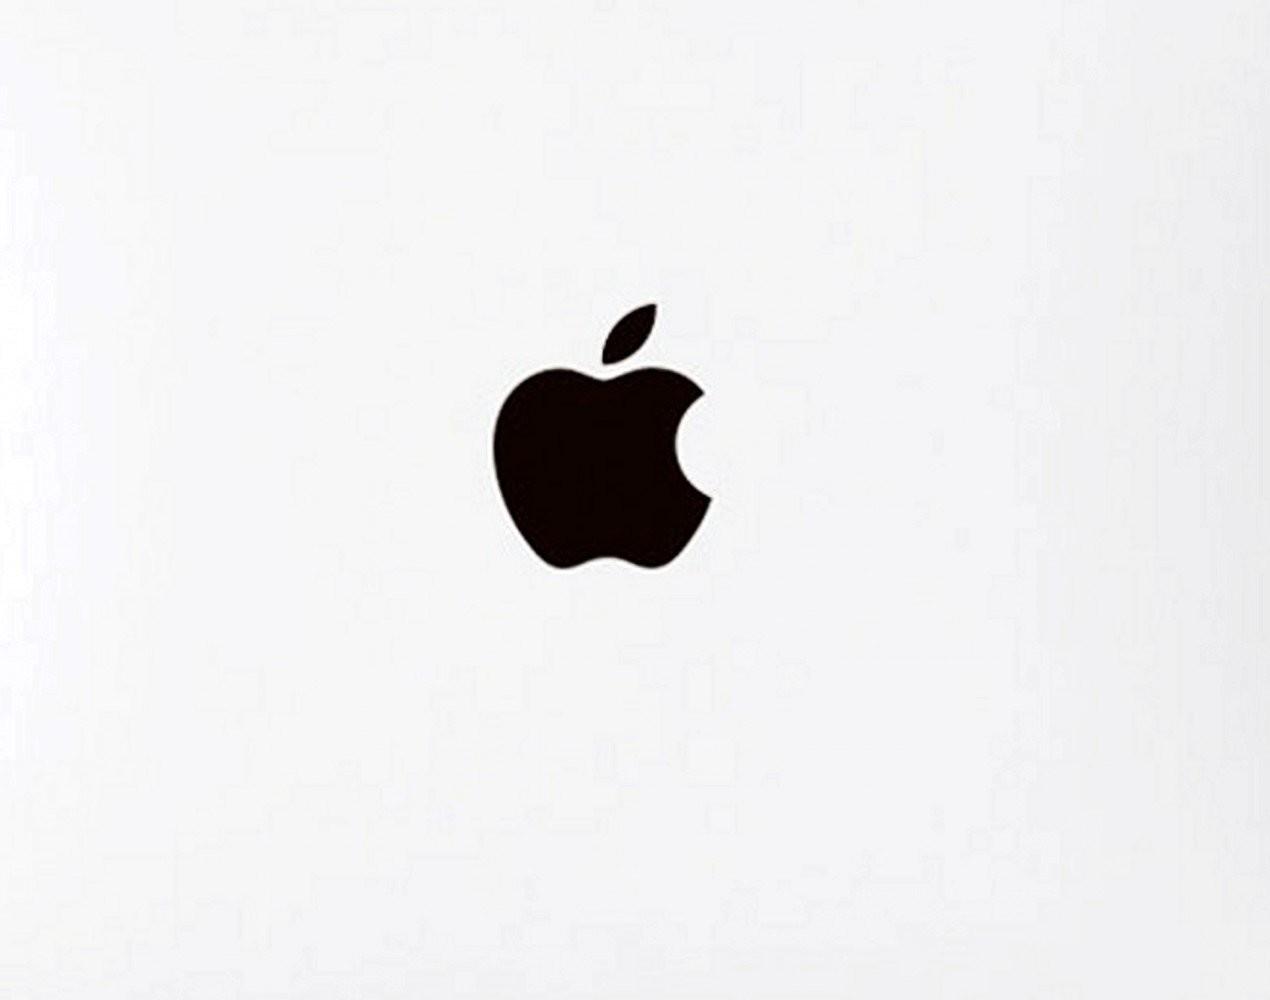 El 20 de septiembre, el próximo iPhone aparecerá en los estantes, junto con la reapertura del Applecubo 1